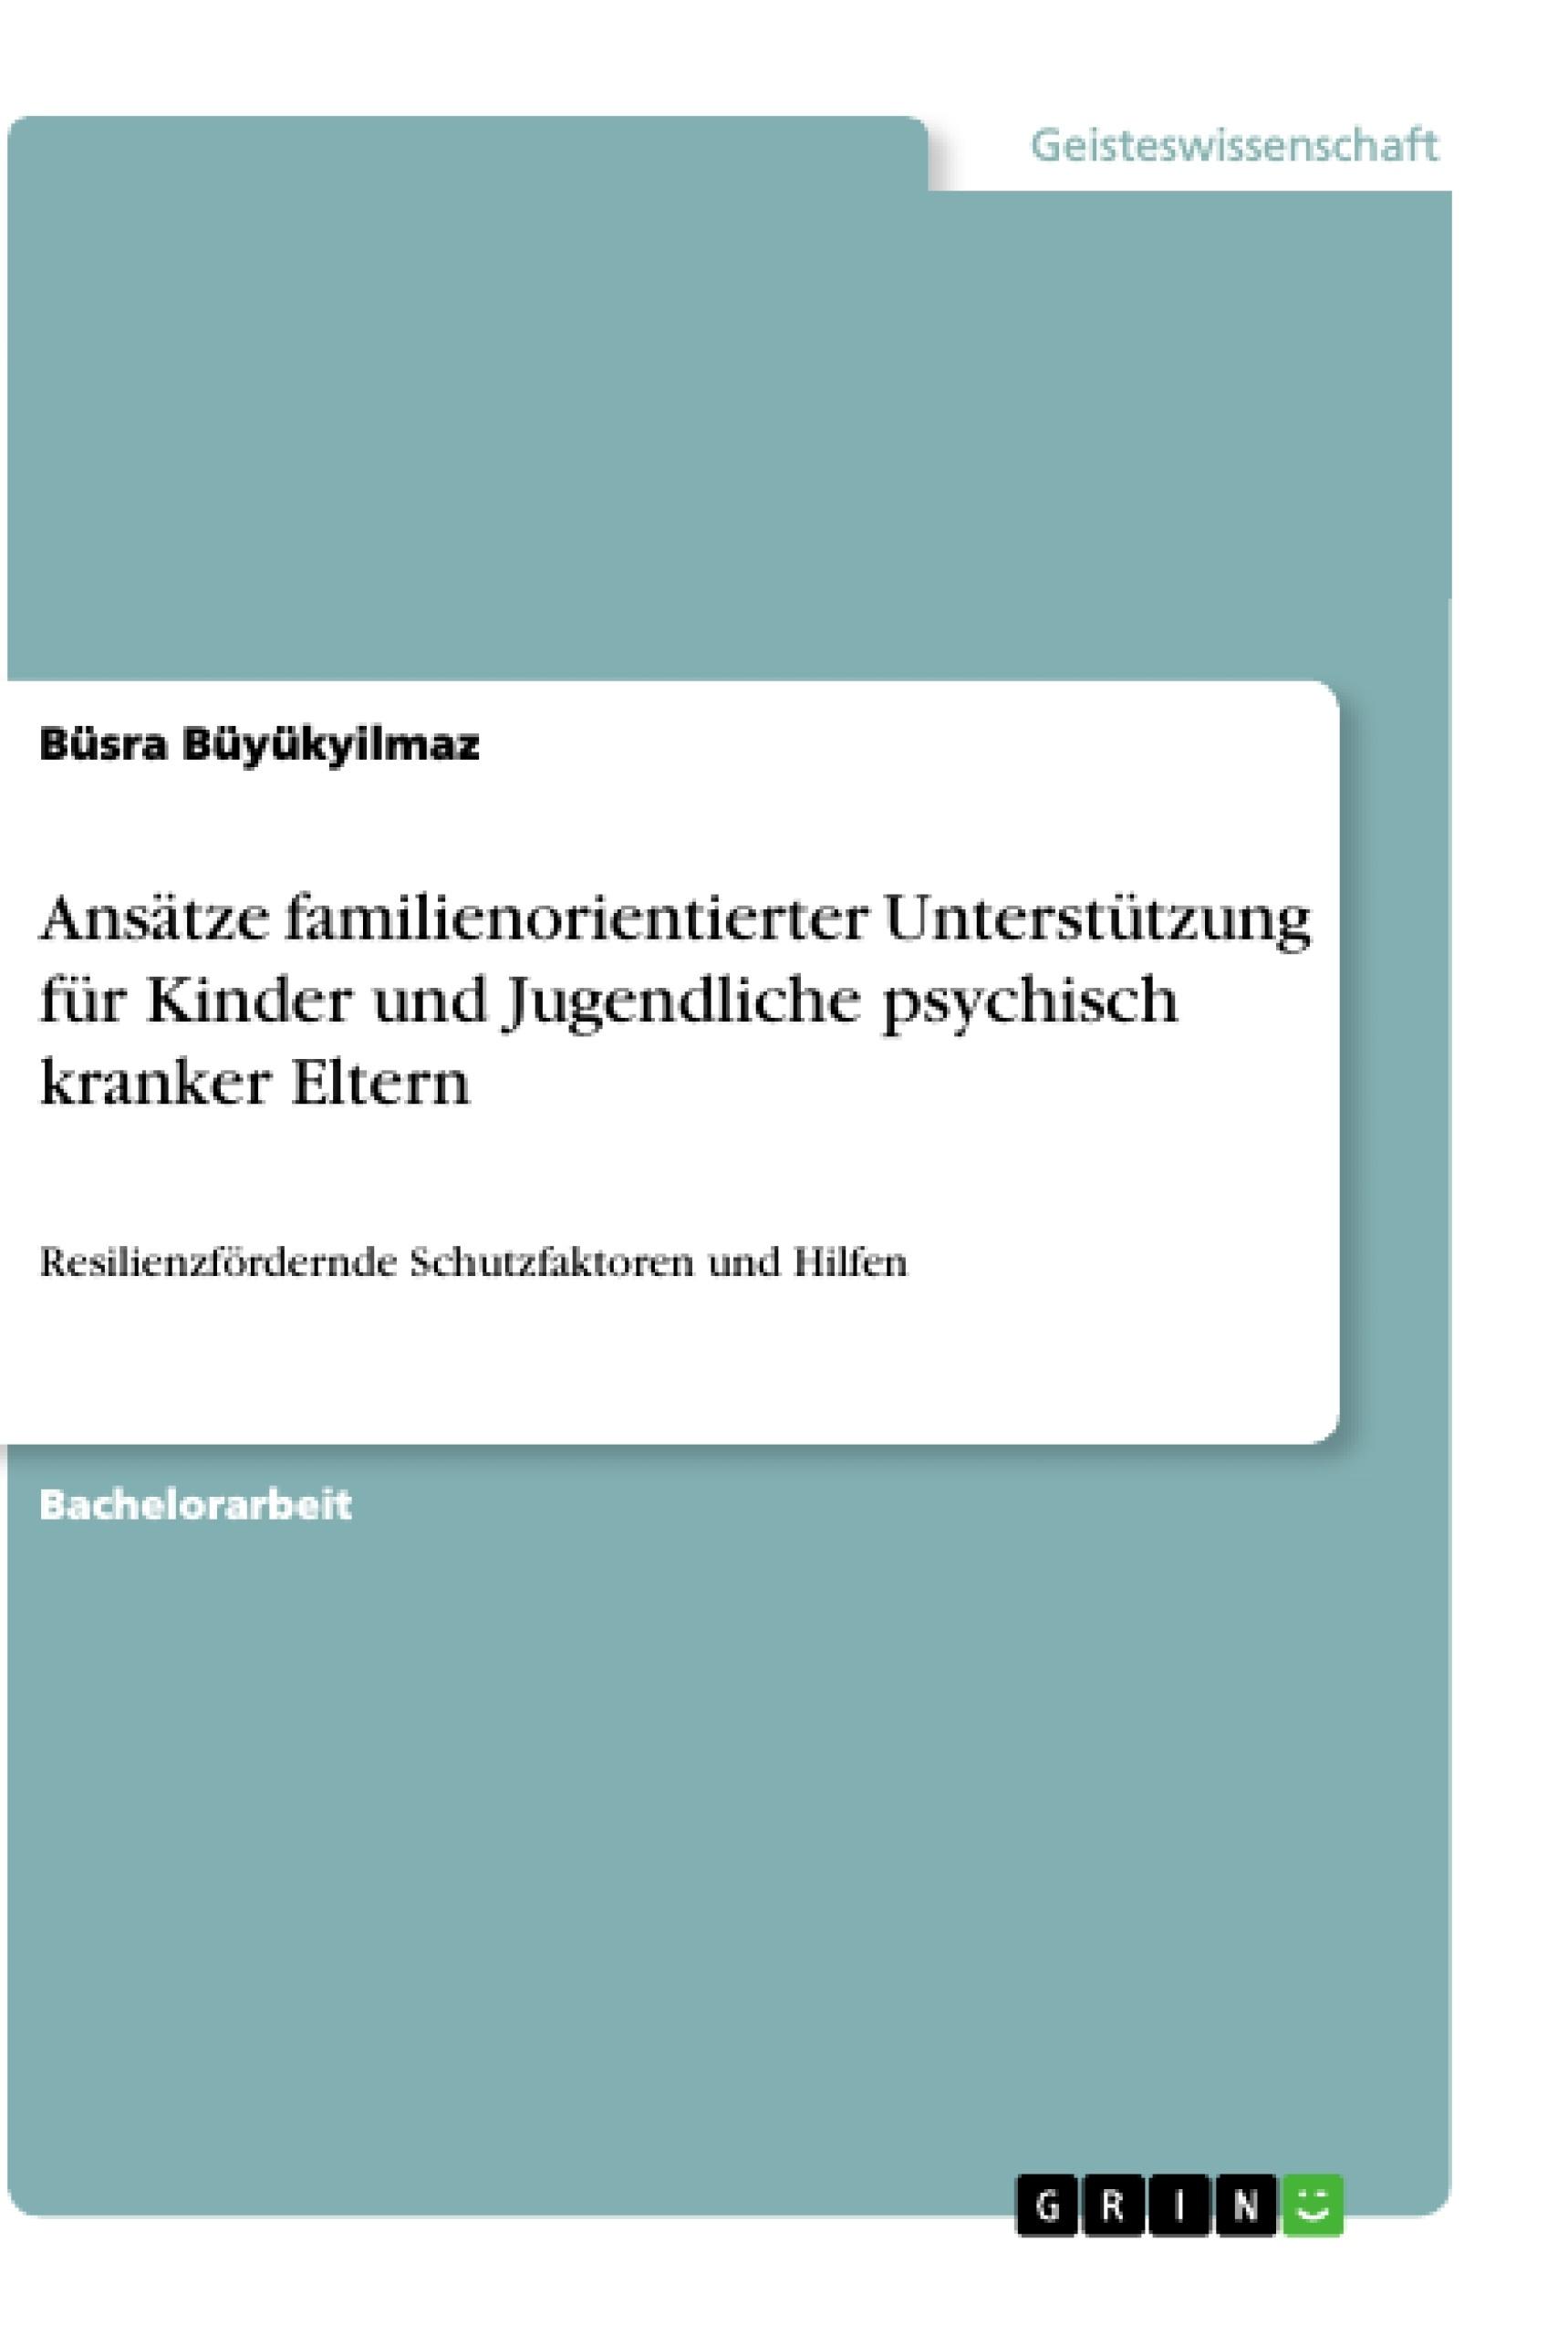 Titel: Ansätze familienorientierter Unterstützung für Kinder und Jugendliche psychisch kranker Eltern